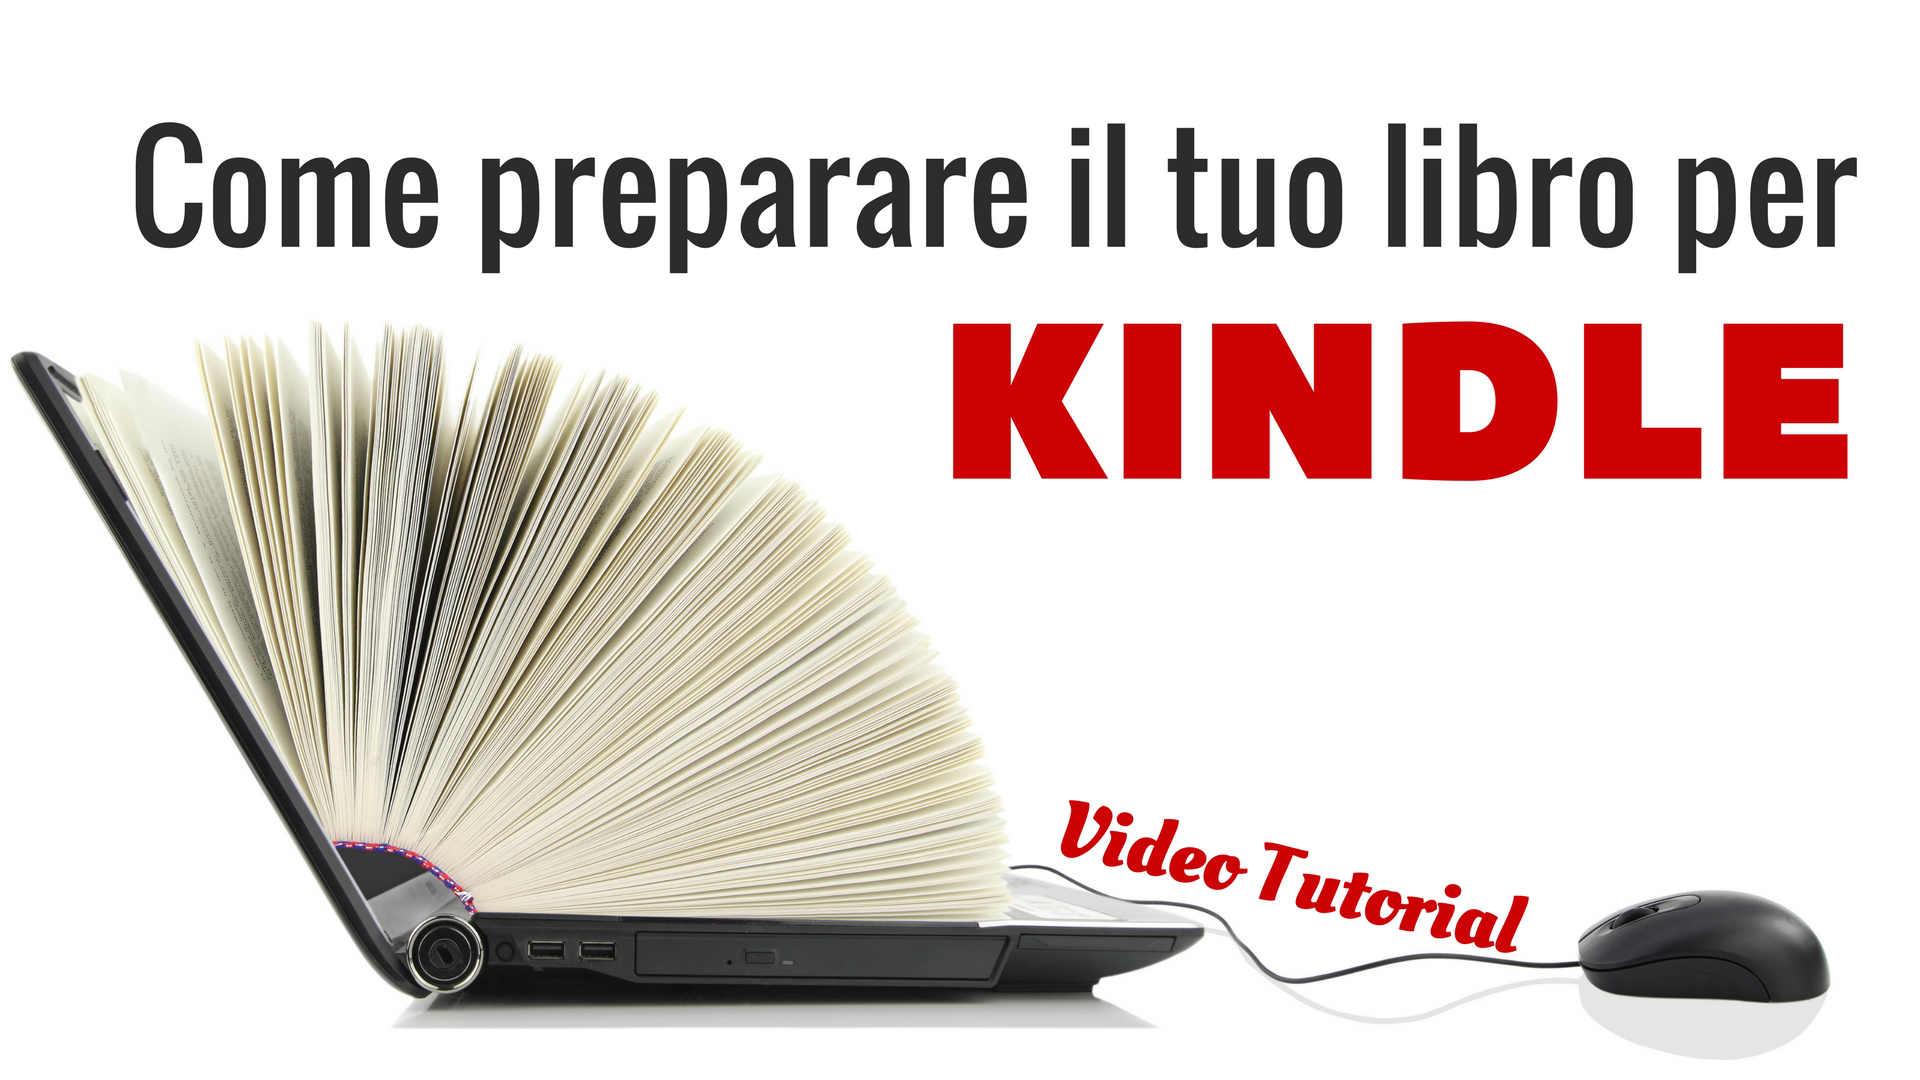 Come preparare il tuo libro per Kindle